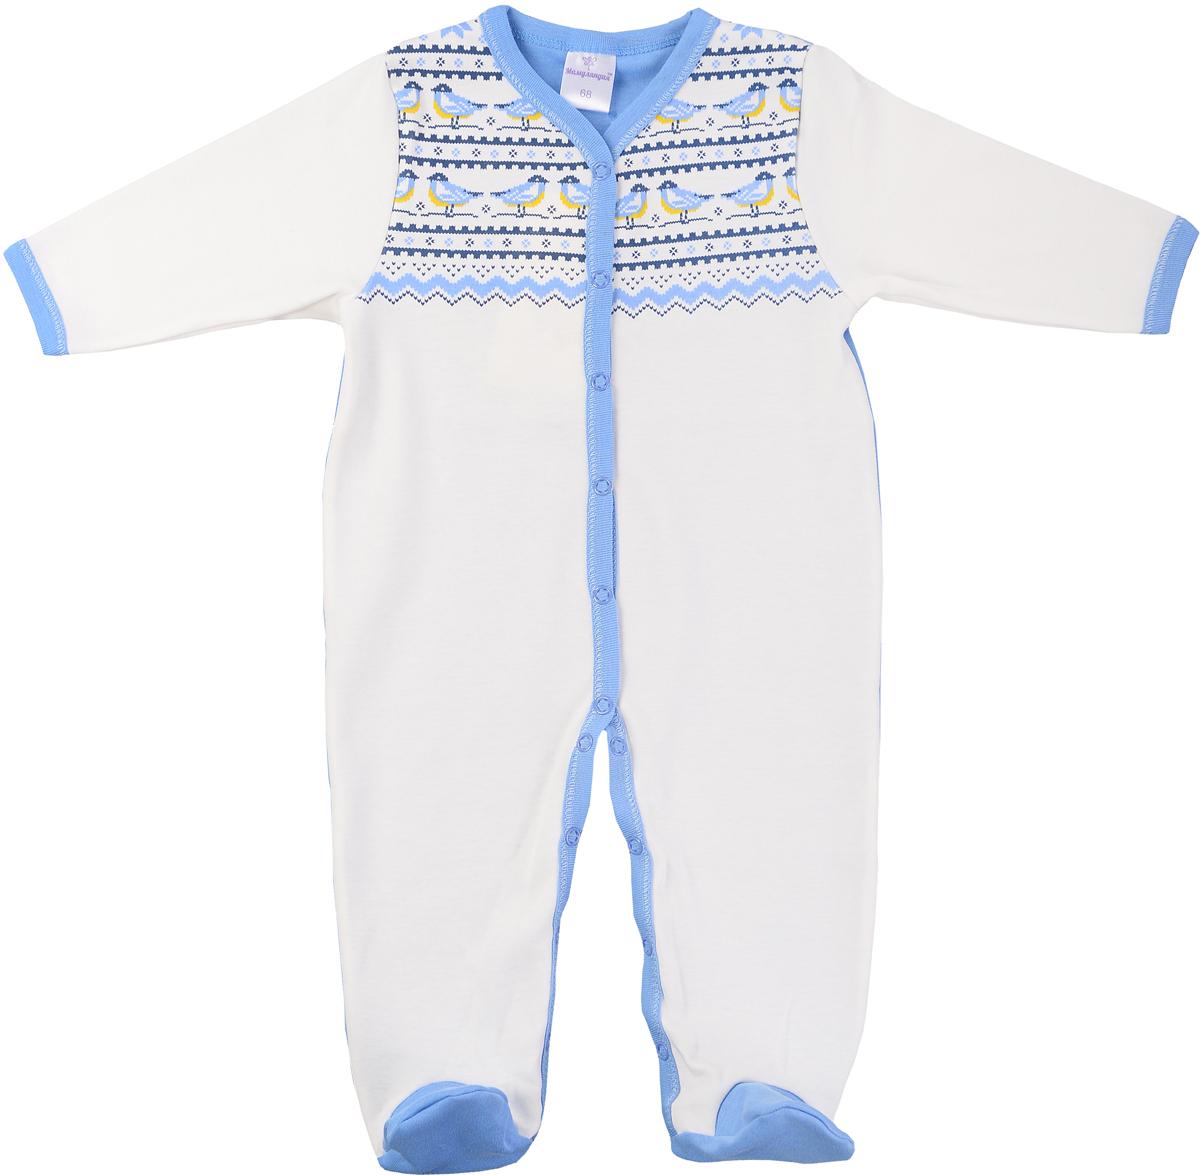 Комбинезон домашний детский Мамуляндия Зимняя, цвет: молочный, голубой. 17-502. Размер 7417-502Комбинезон детский выполнен из натурального хлопка. Модель с длинным рукавом и V-образным горловины застегивается на кнопки.